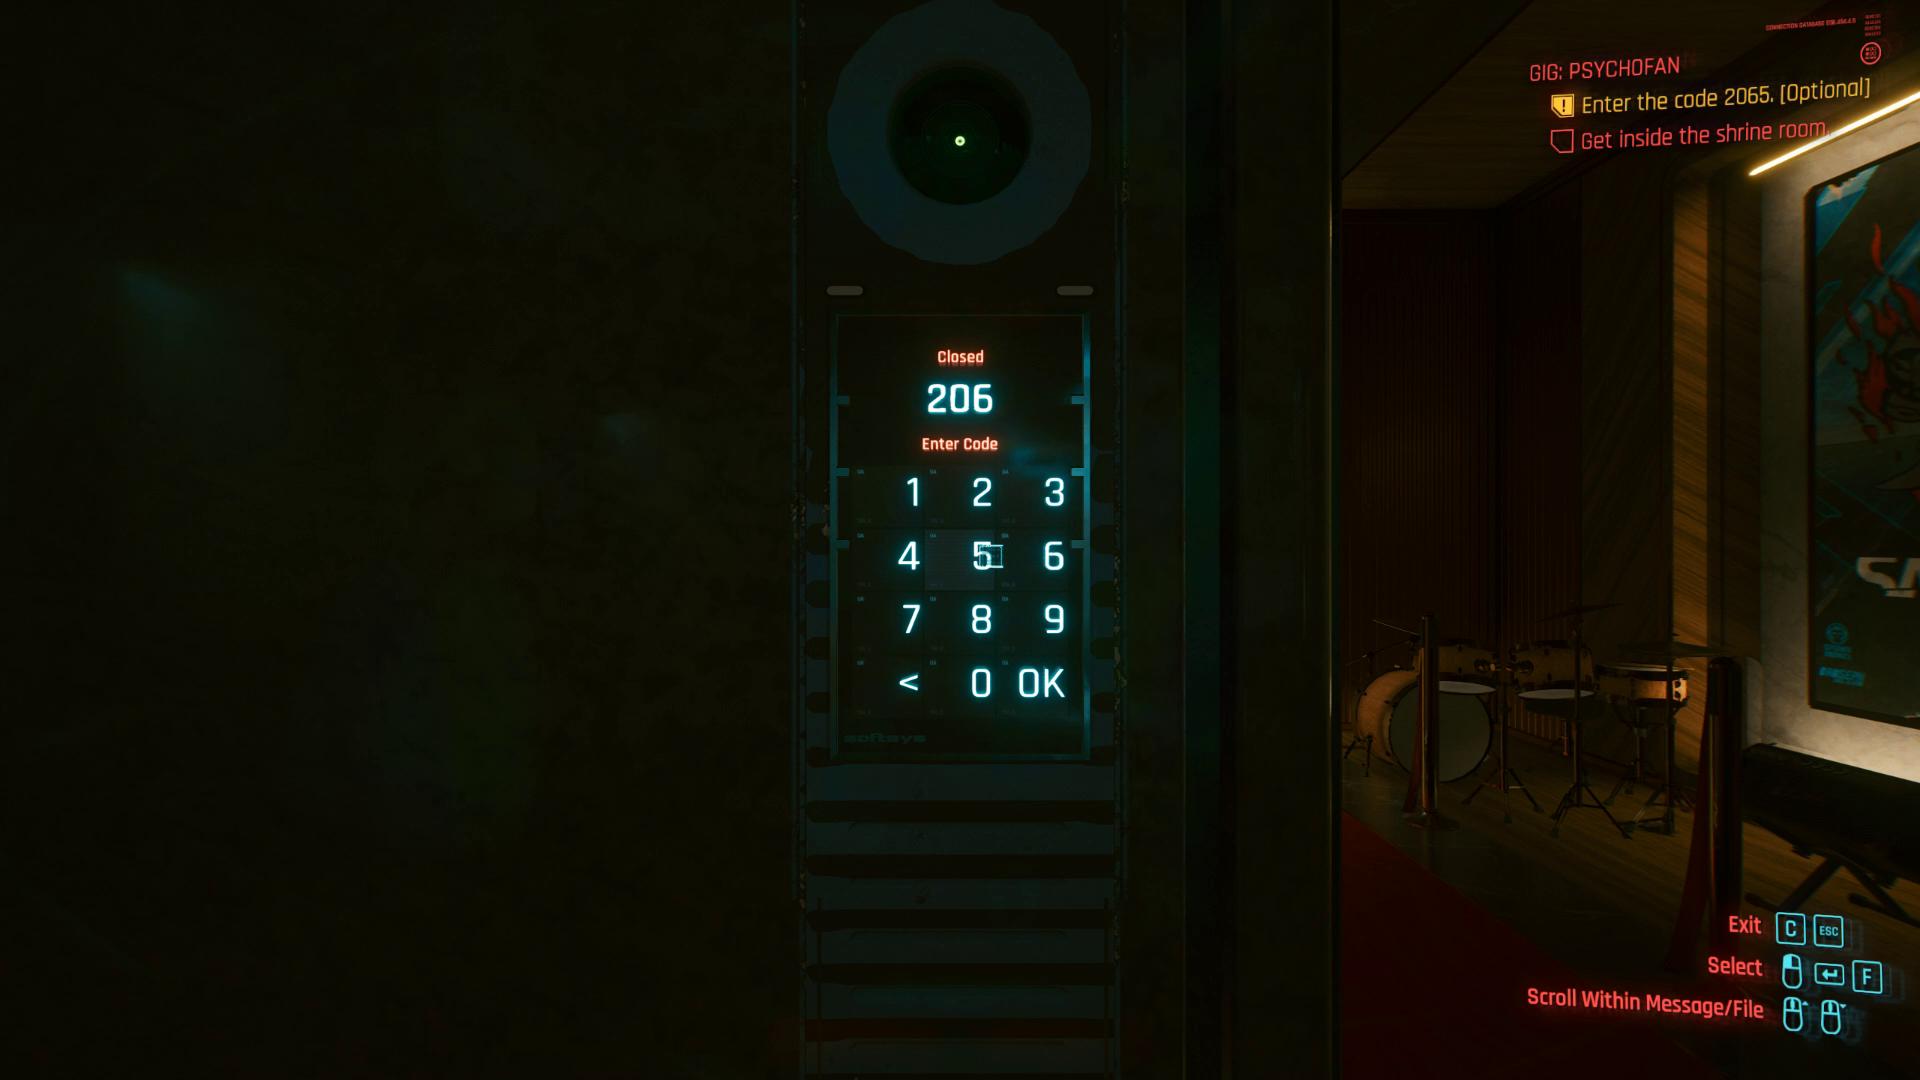 Clavier Cyberpunk 2077 Psychofan